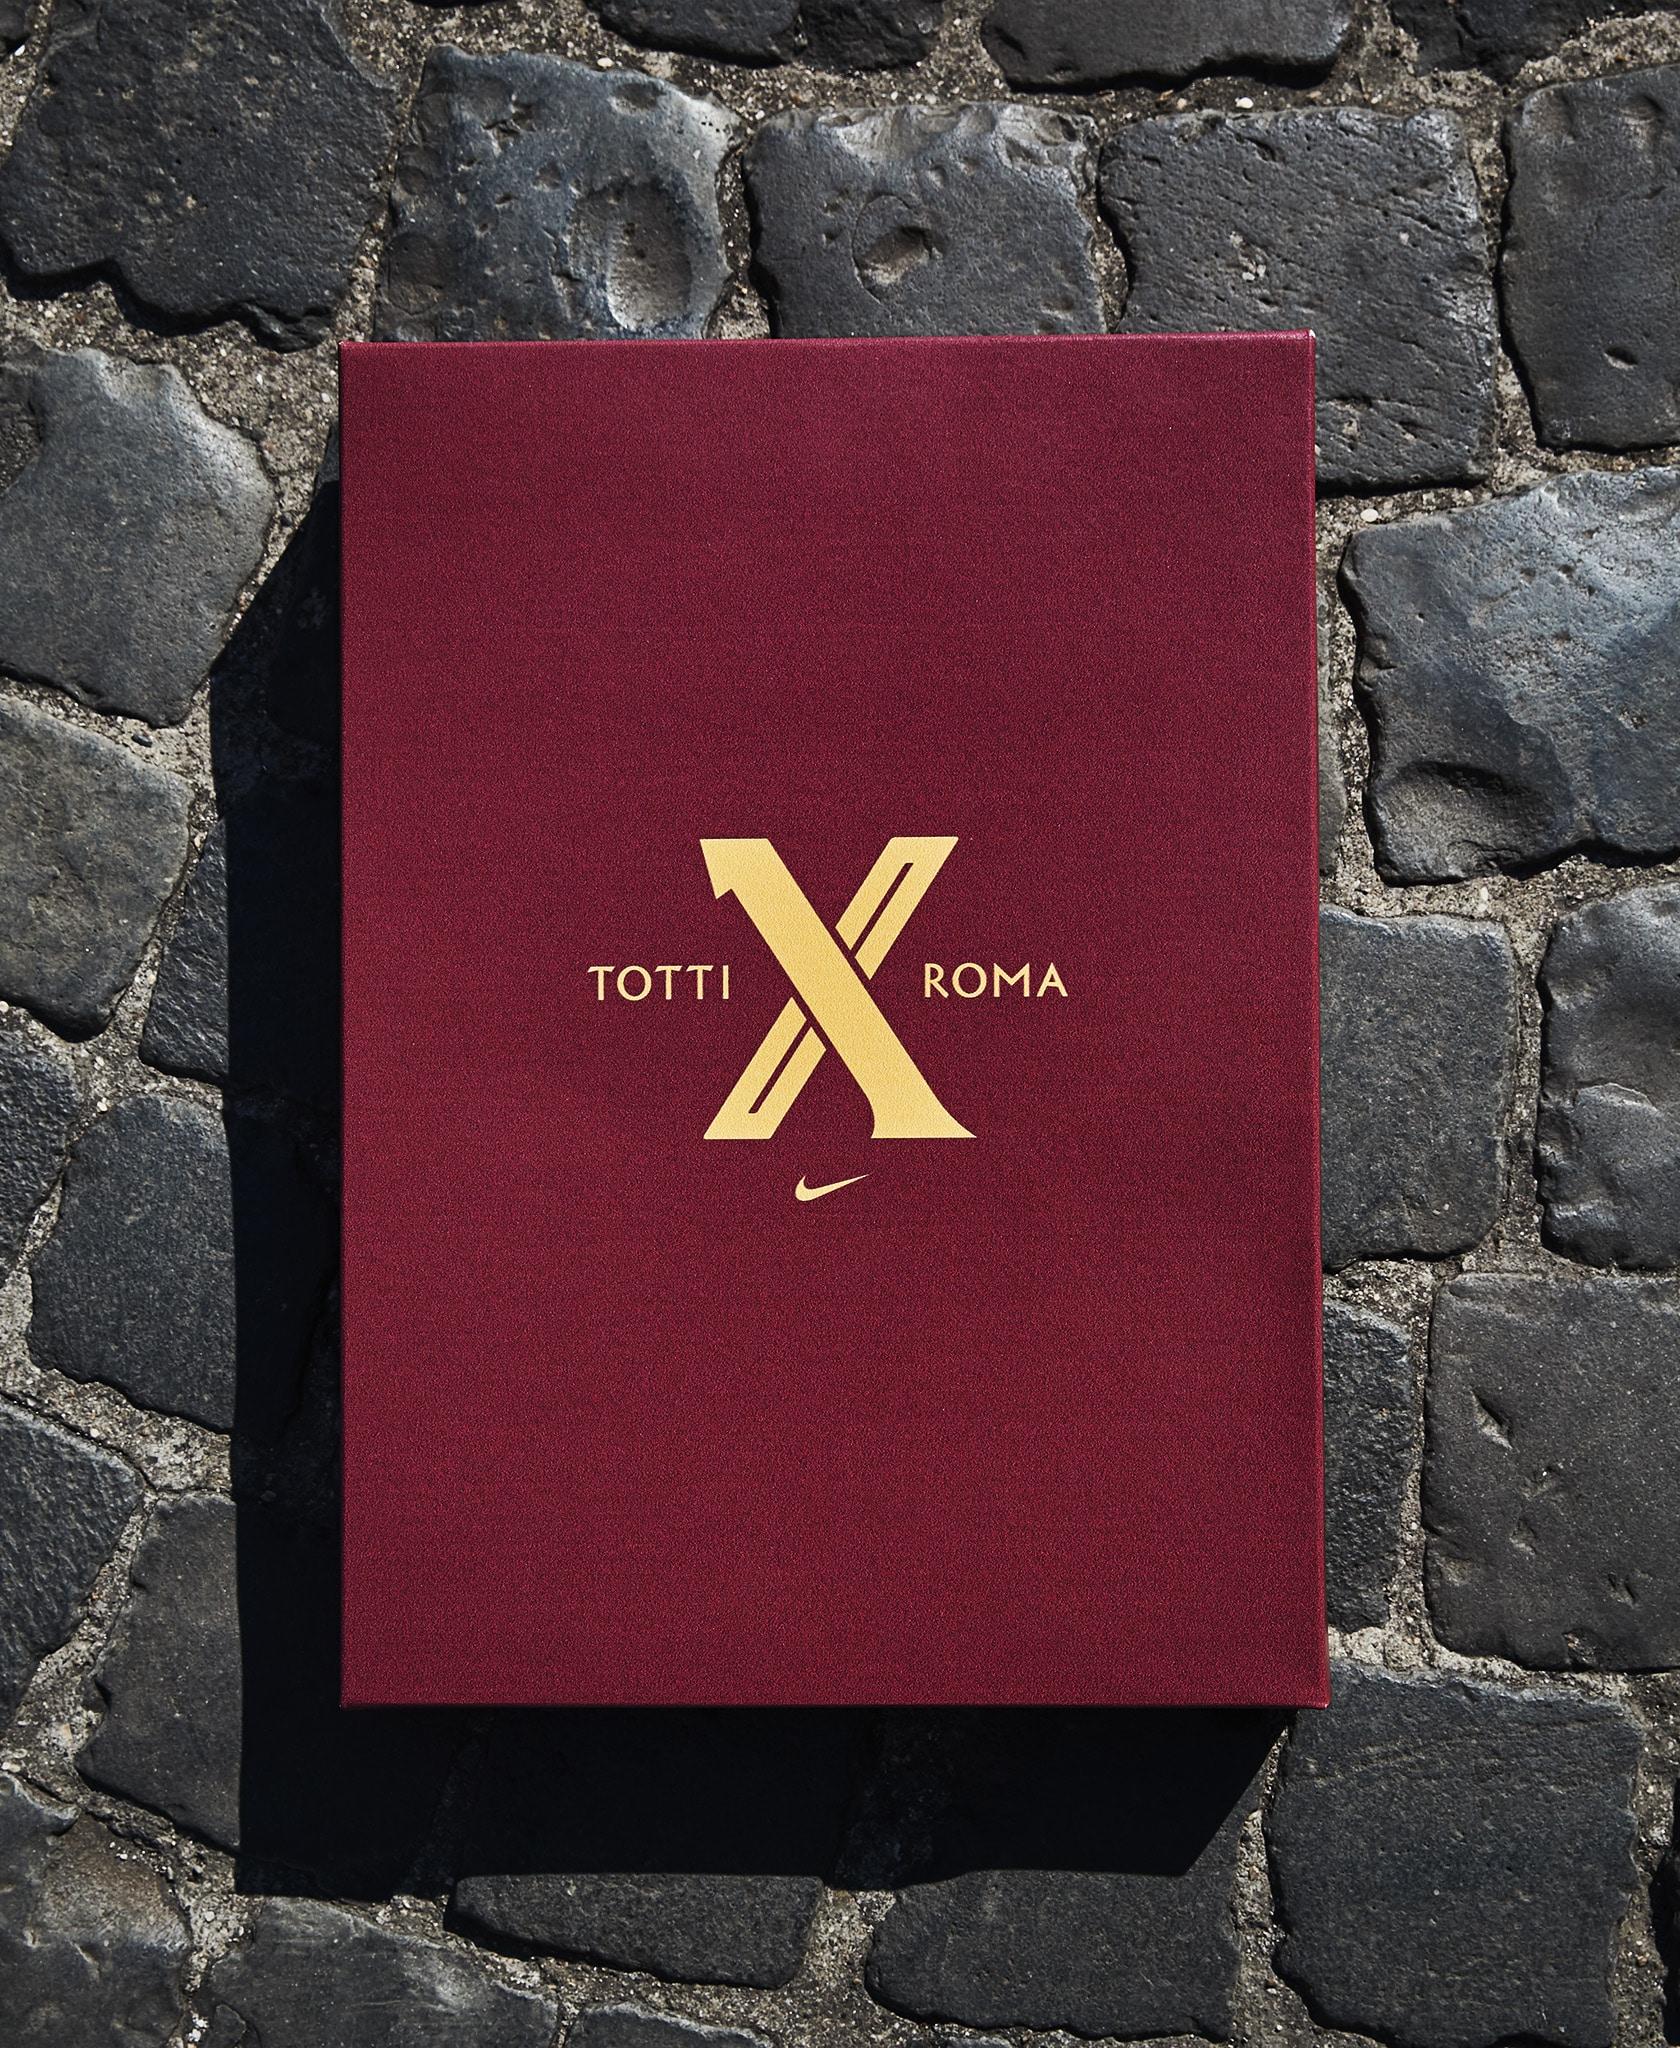 Limited edition Francesco Totti spillertrøje 2